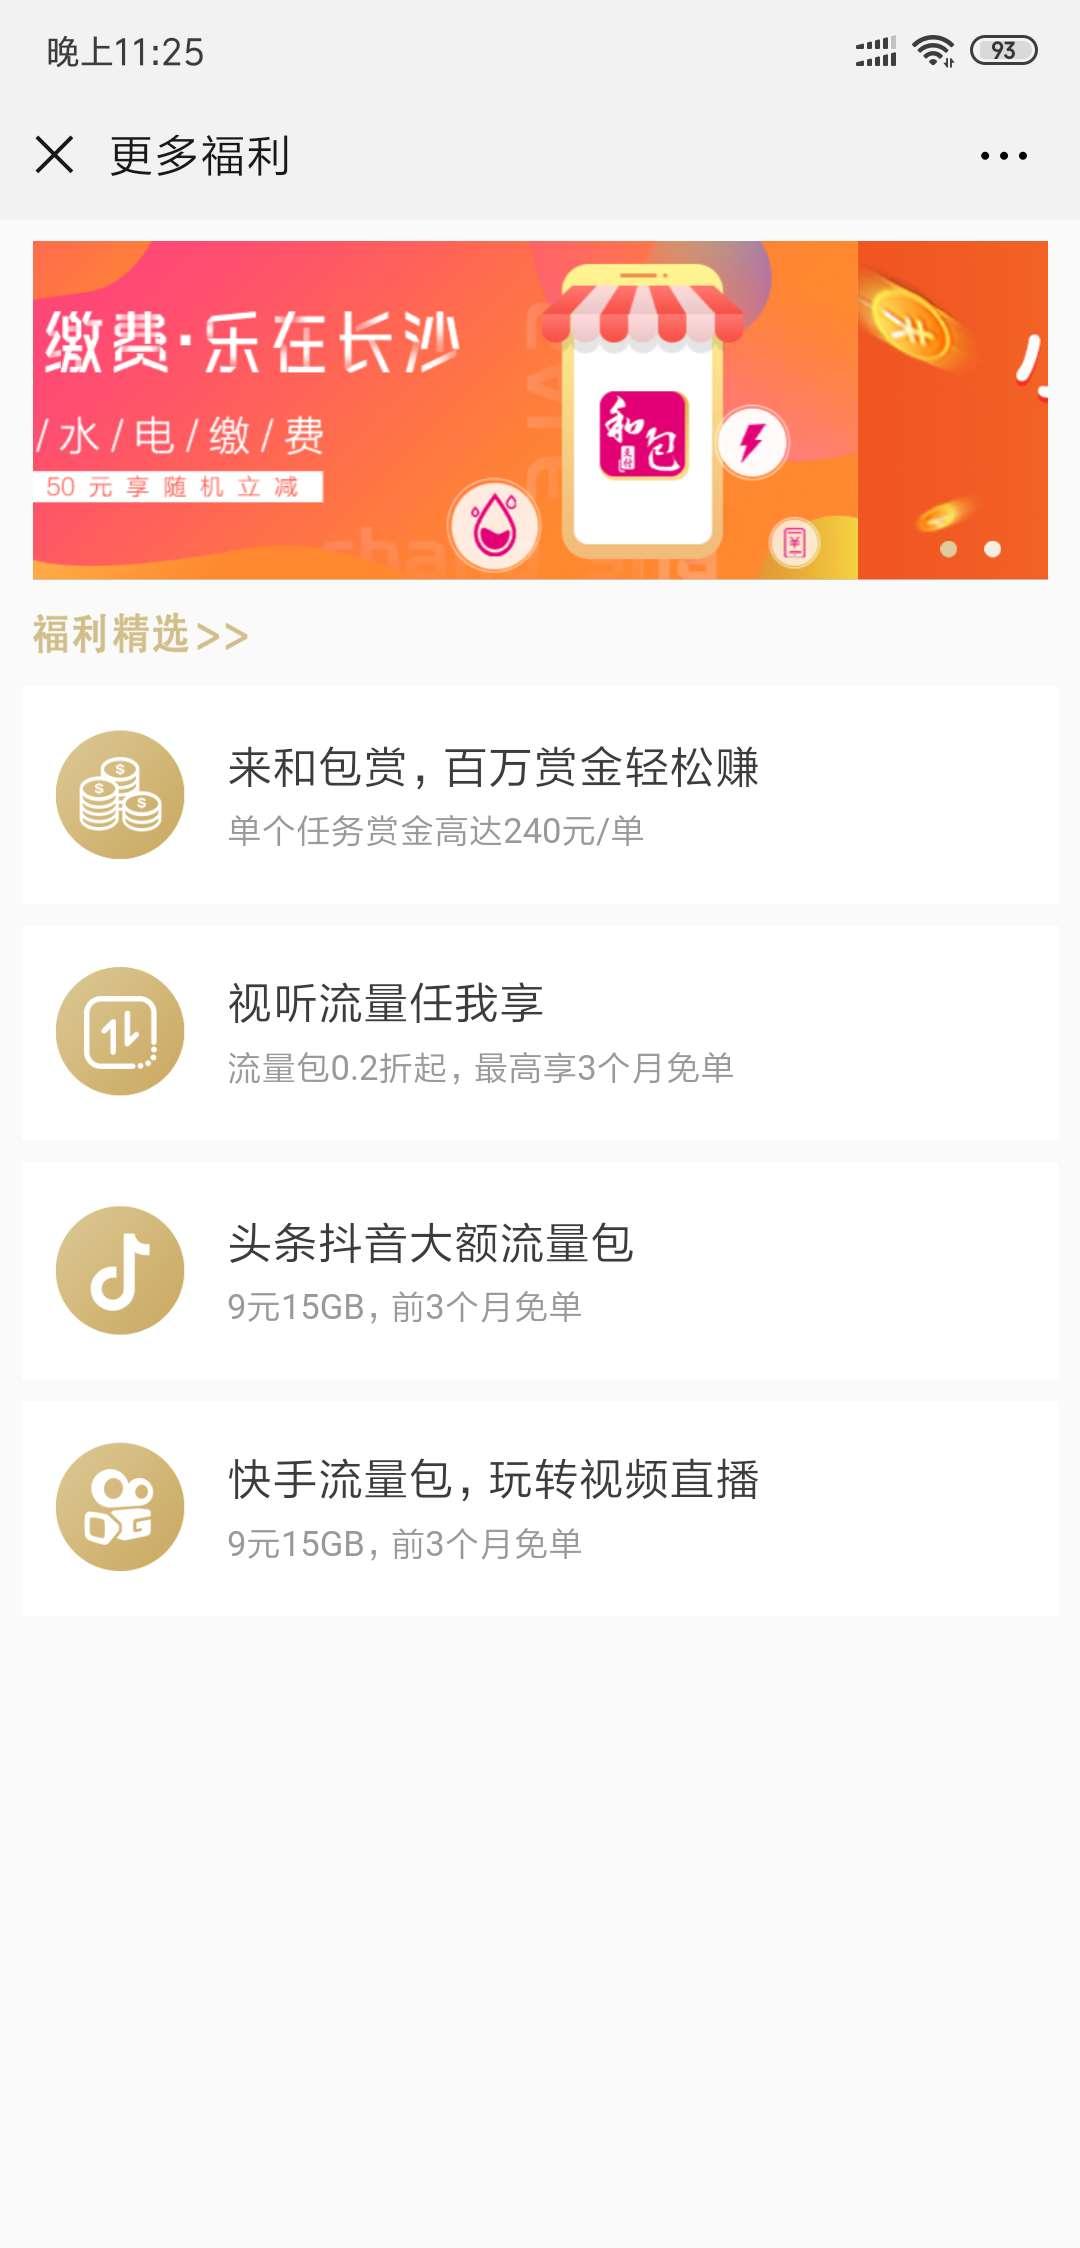 【话费流量】免费领取3个月15g抖音流量-www.im86.com